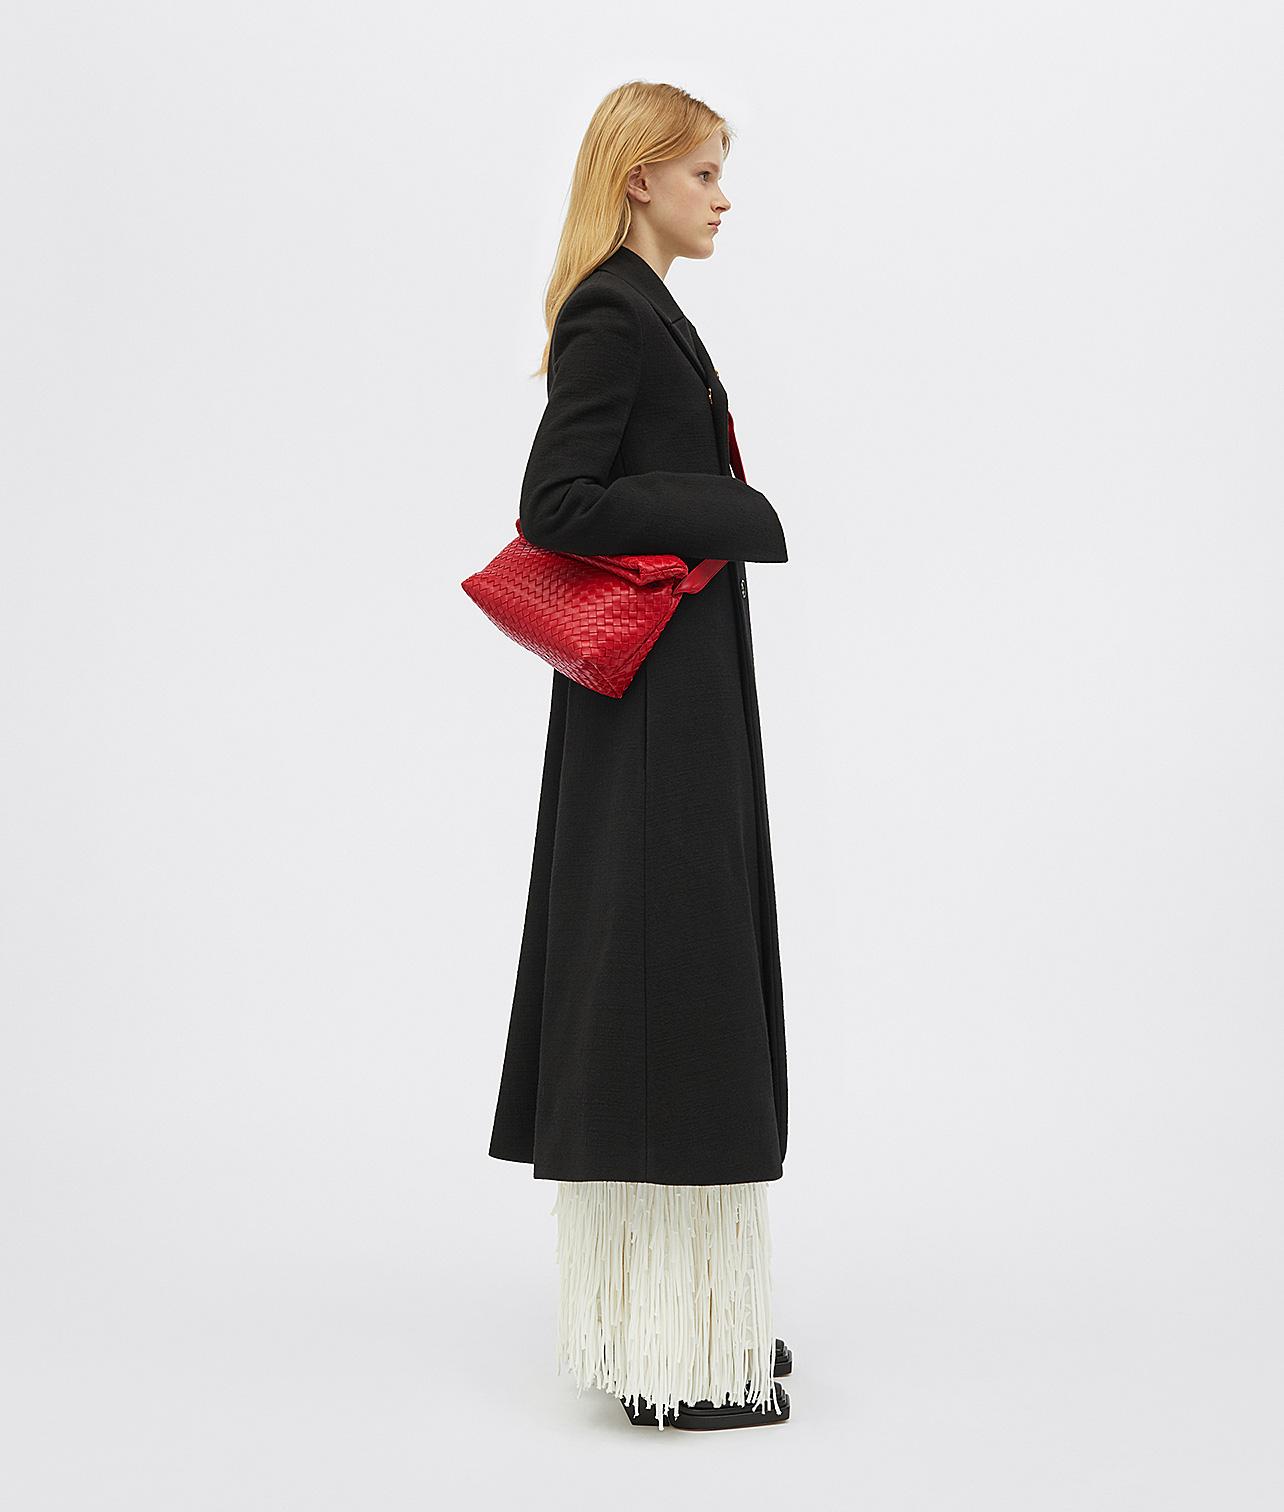 Từ Bottega Veneta: Tag ngay nửa kia vào 4 gợi ý quà Noel cho quý cô yêu thời trang - Ảnh 5.